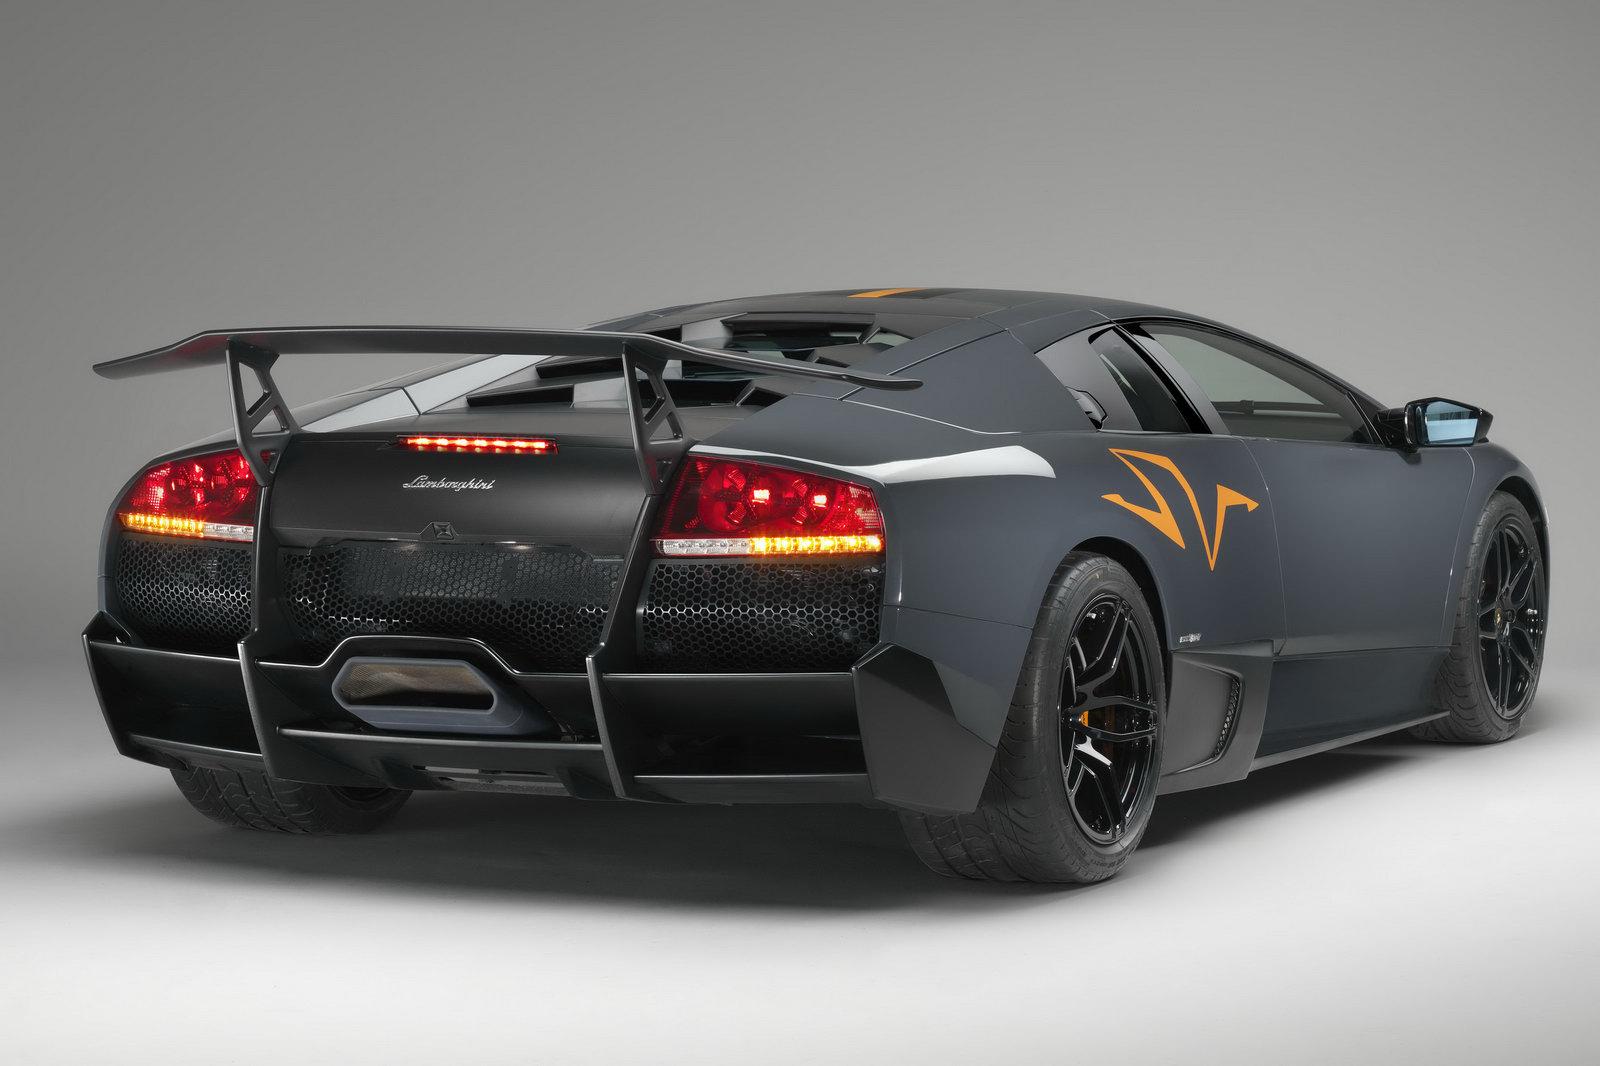 Lamborghini Automobile